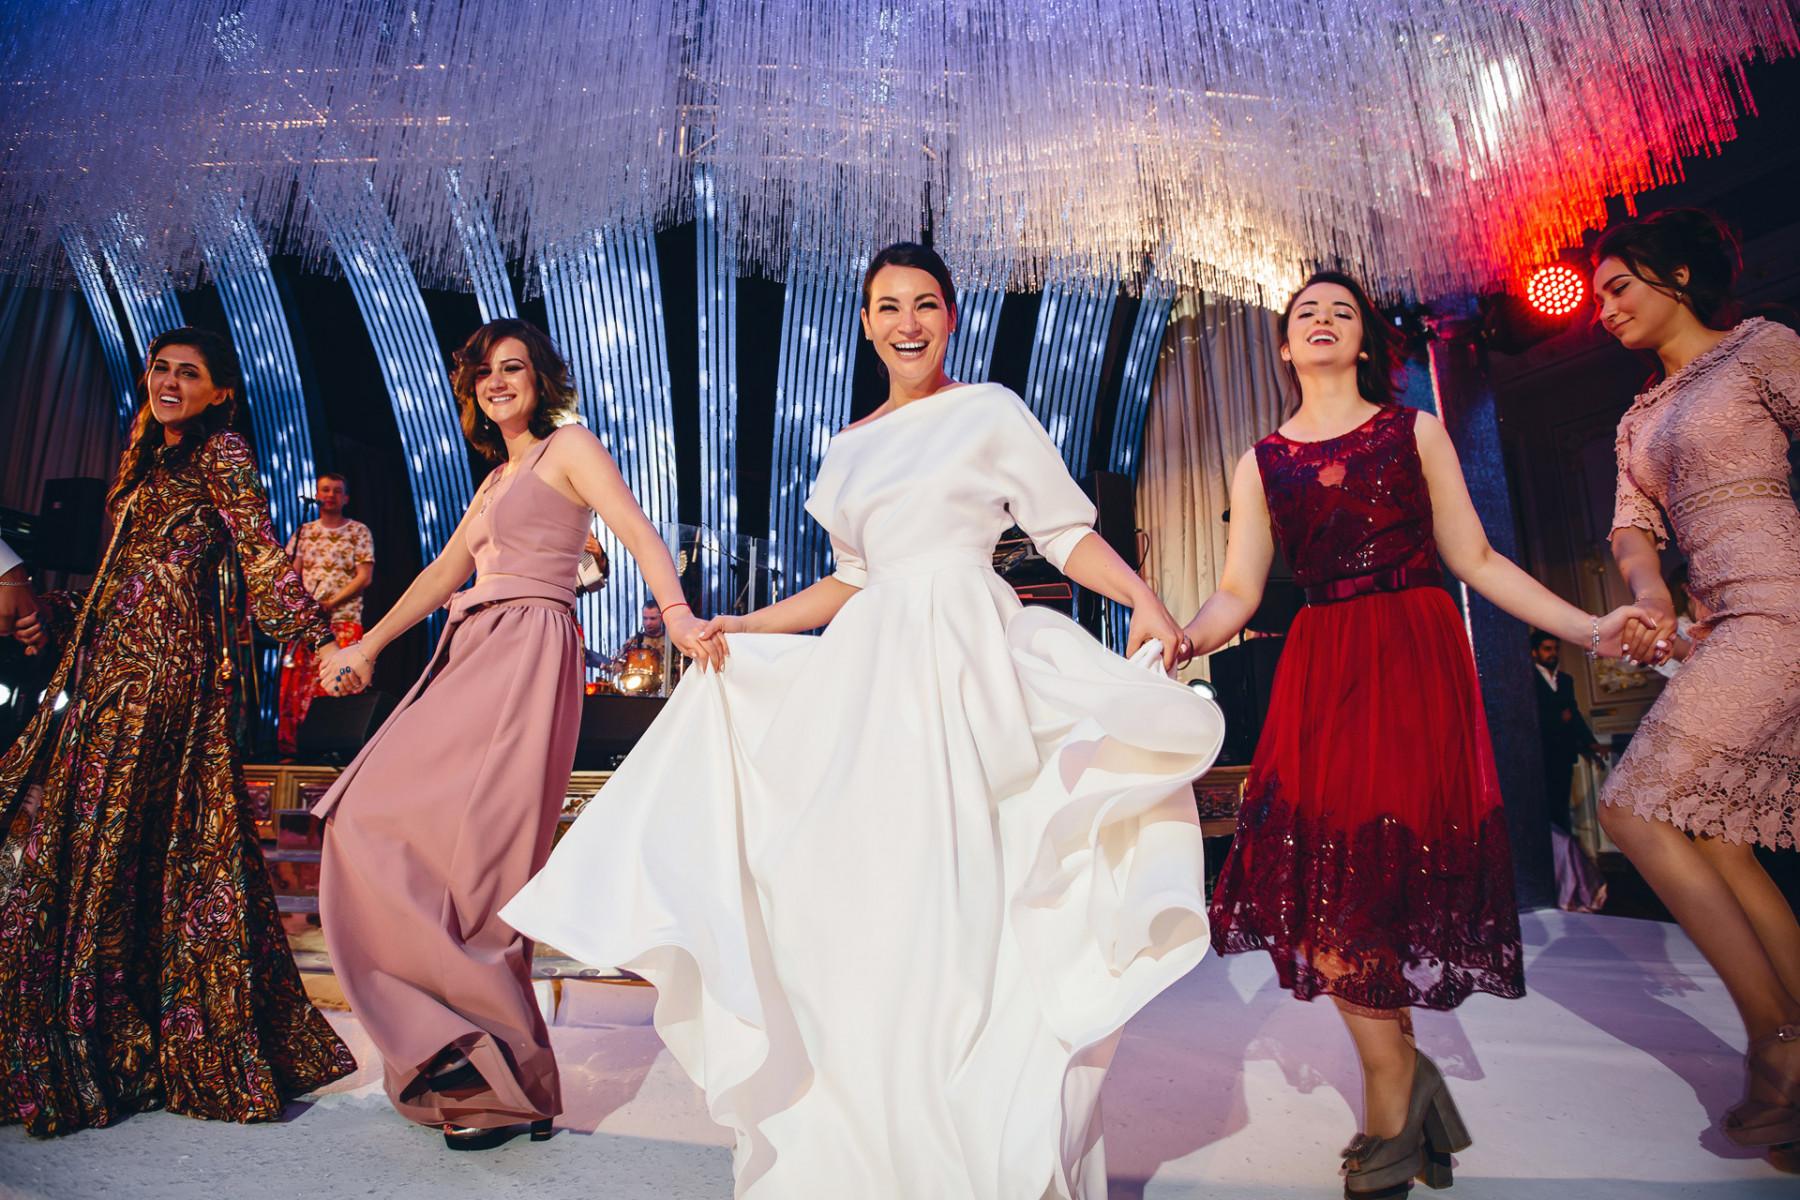 Свадебная программа: что сегодня в моде?